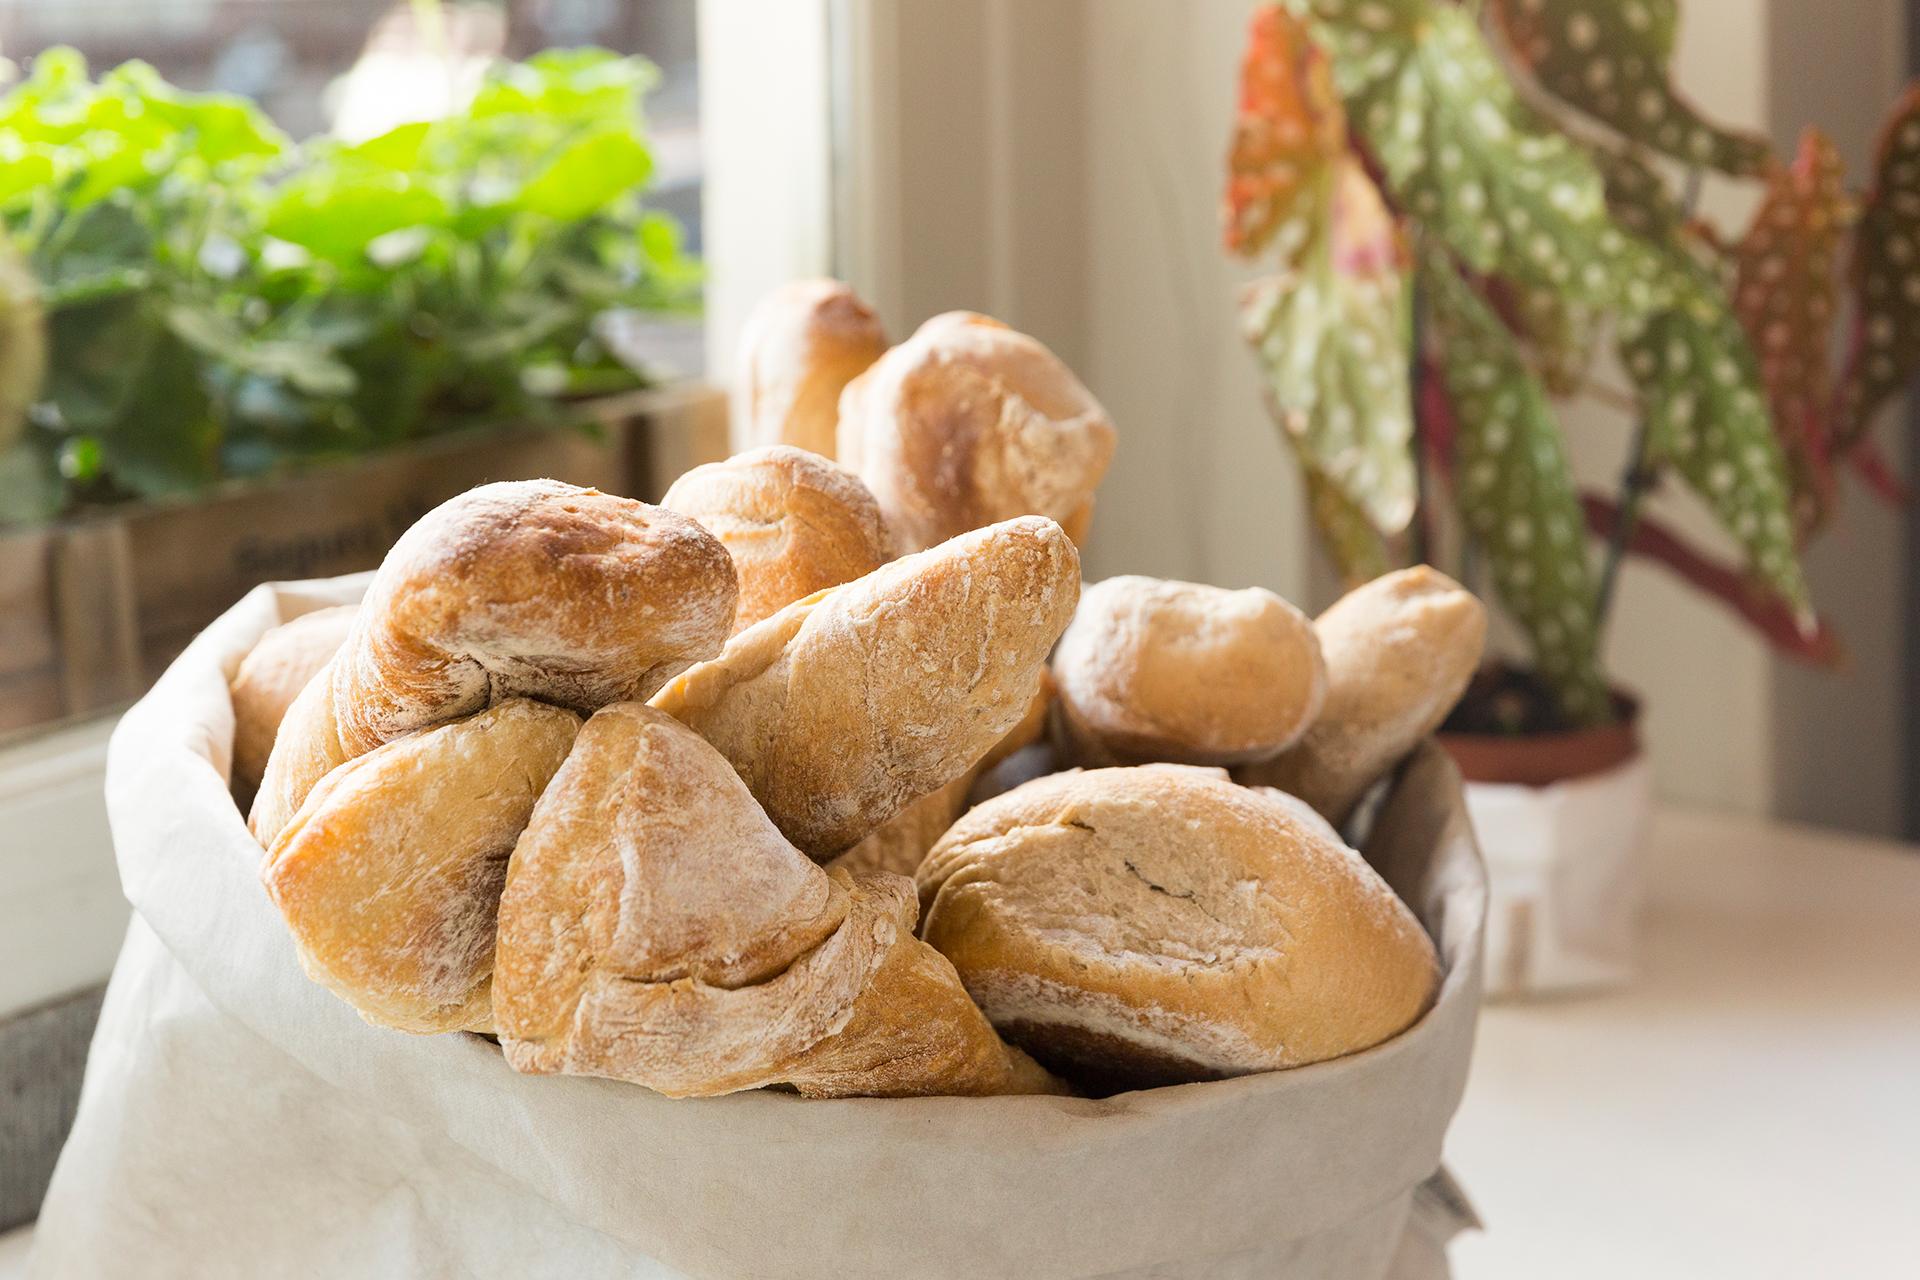 Tim_Allen-Brood_van_Joop-Bread.jpg